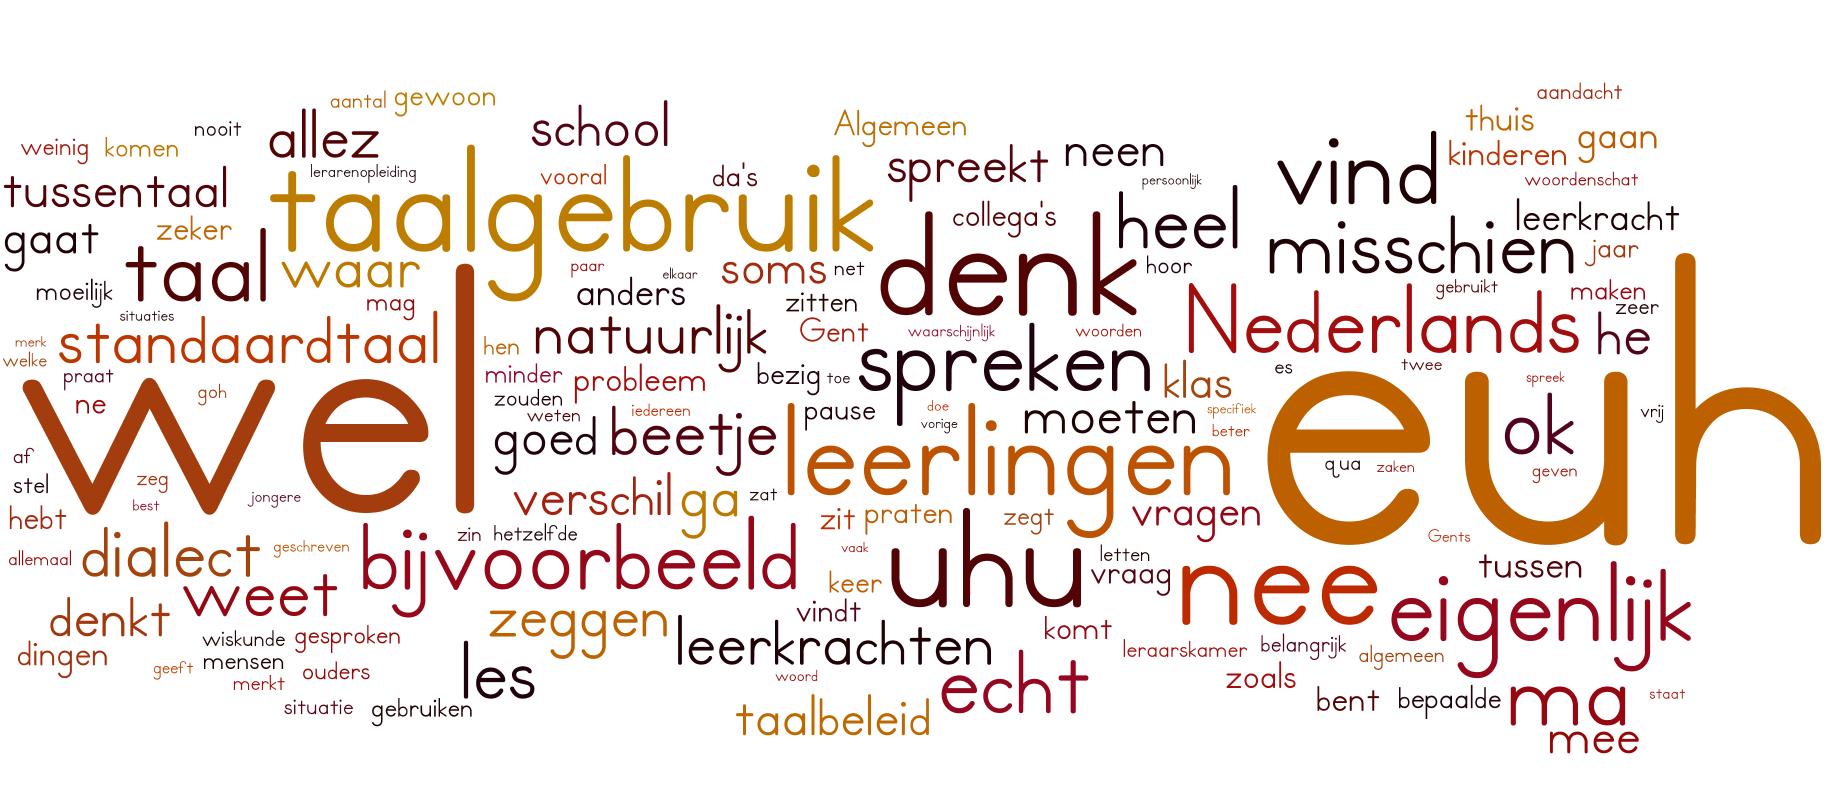 Afbeeldingsresultaat voor Talenbeleid